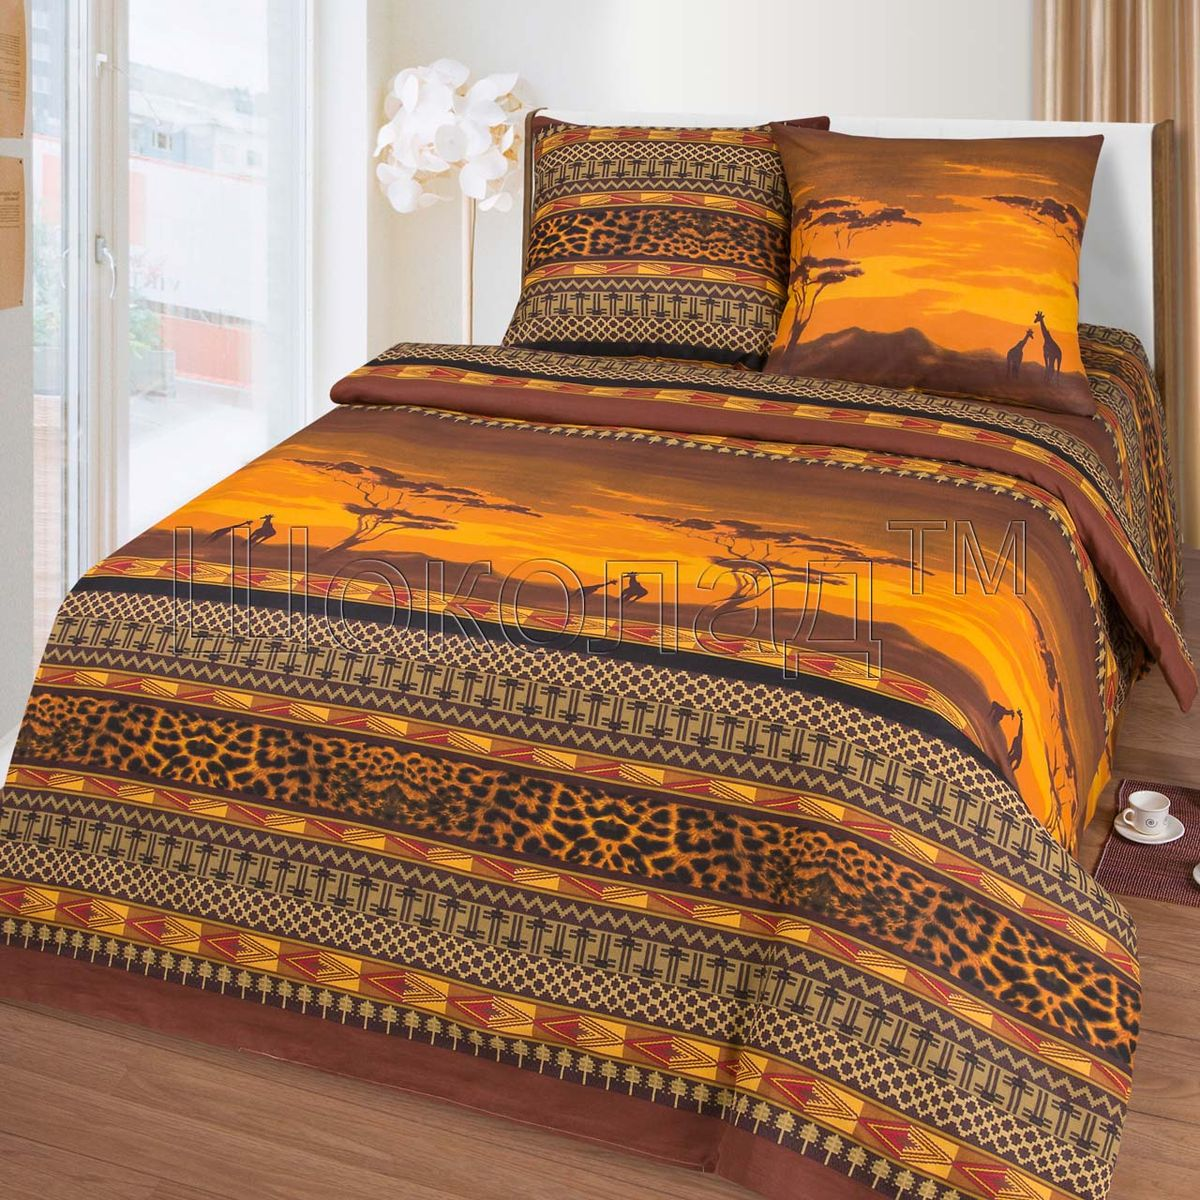 Комплект белья Шоколад Кения, 1,5-спальный, наволочки 70x70. Б100Б100Комплект постельного белья Шоколад Кения является экологически безопасным для всей семьи, так как выполнен из натурального хлопка. Комплект состоит из пододеяльника, простыни и двух наволочек. Постельное белье оформлено оригинальным рисунком и имеет изысканный внешний вид.Бязь - это ткань полотняного переплетения, изготовленная из экологически чистого и натурального 100% хлопка. Она прочная, мягкая, обладает низкой сминаемостью, легко стирается и хорошо гладится. Бязь прекрасно пропускает воздух и за ней легко ухаживать. При соблюдении рекомендуемых условий стирки, сушки и глажения ткань имеет усадку по ГОСТу, сохранятся яркость текстильных рисунков. Приобретая комплект постельного белья Шоколад  Кения вы можете быть уверены в том, что покупка доставит вам и вашим близким удовольствие и подарит максимальный комфорт.